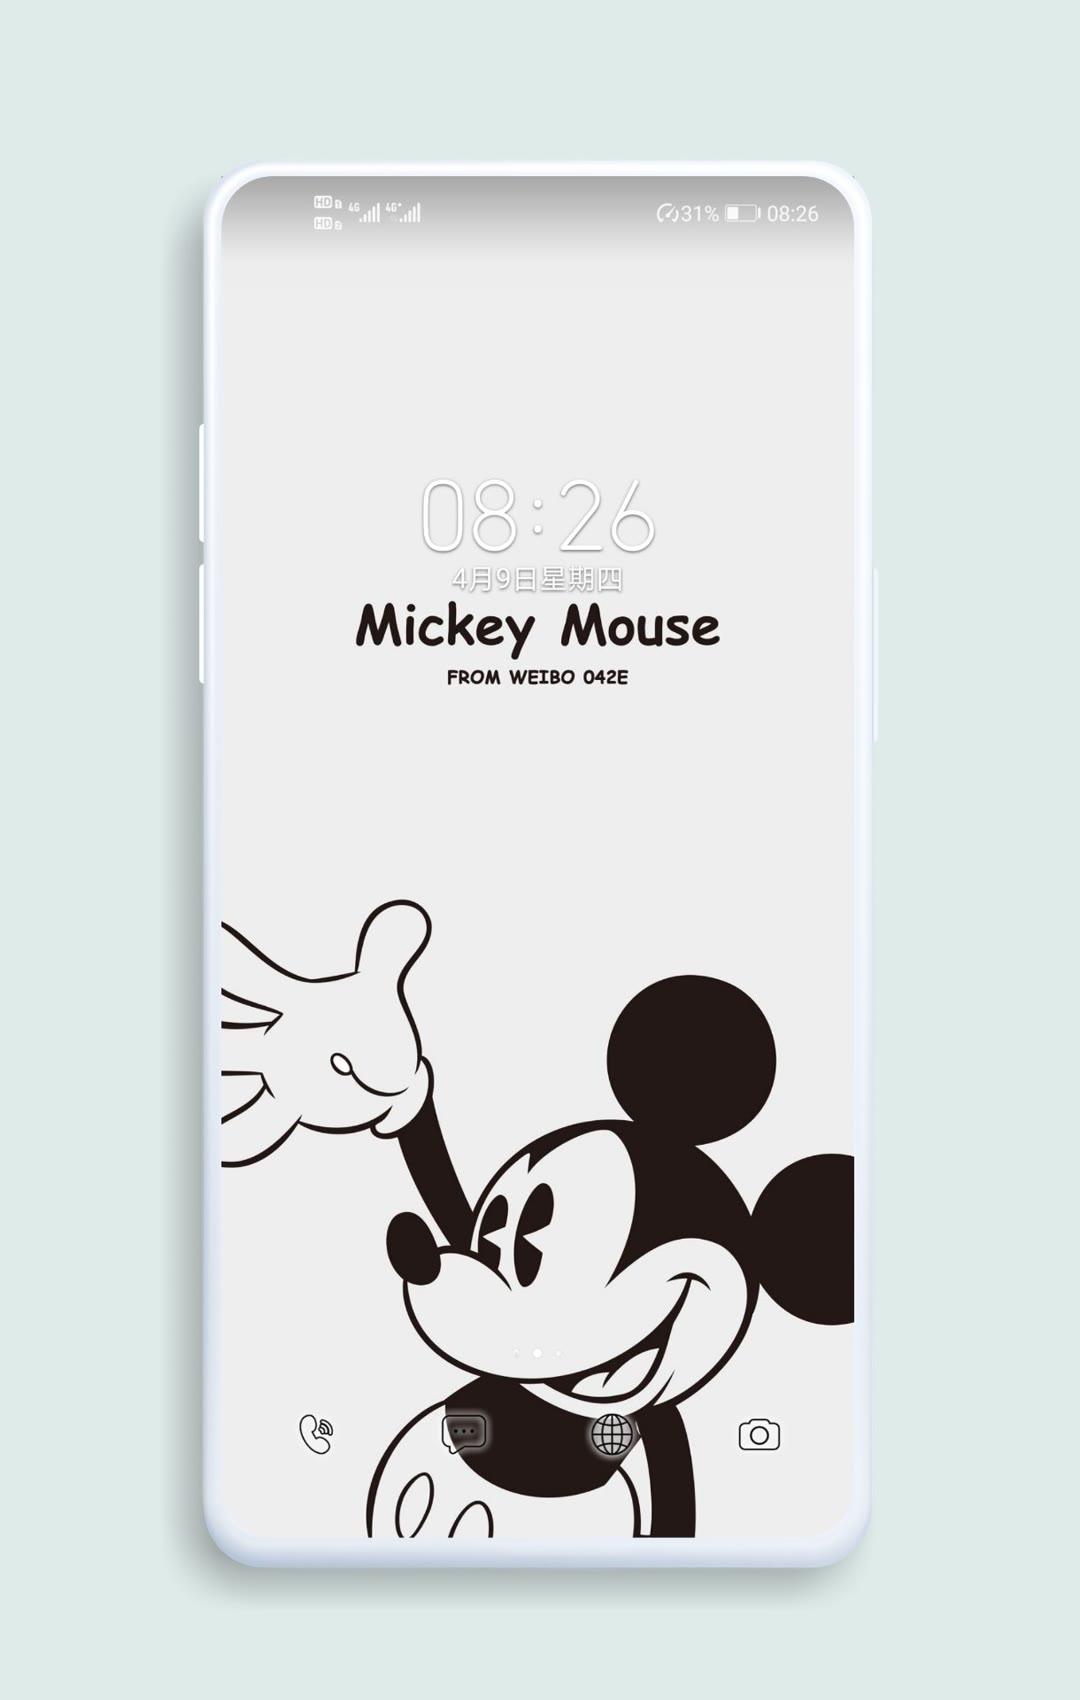 简单干净适合所有人用的手机壁纸